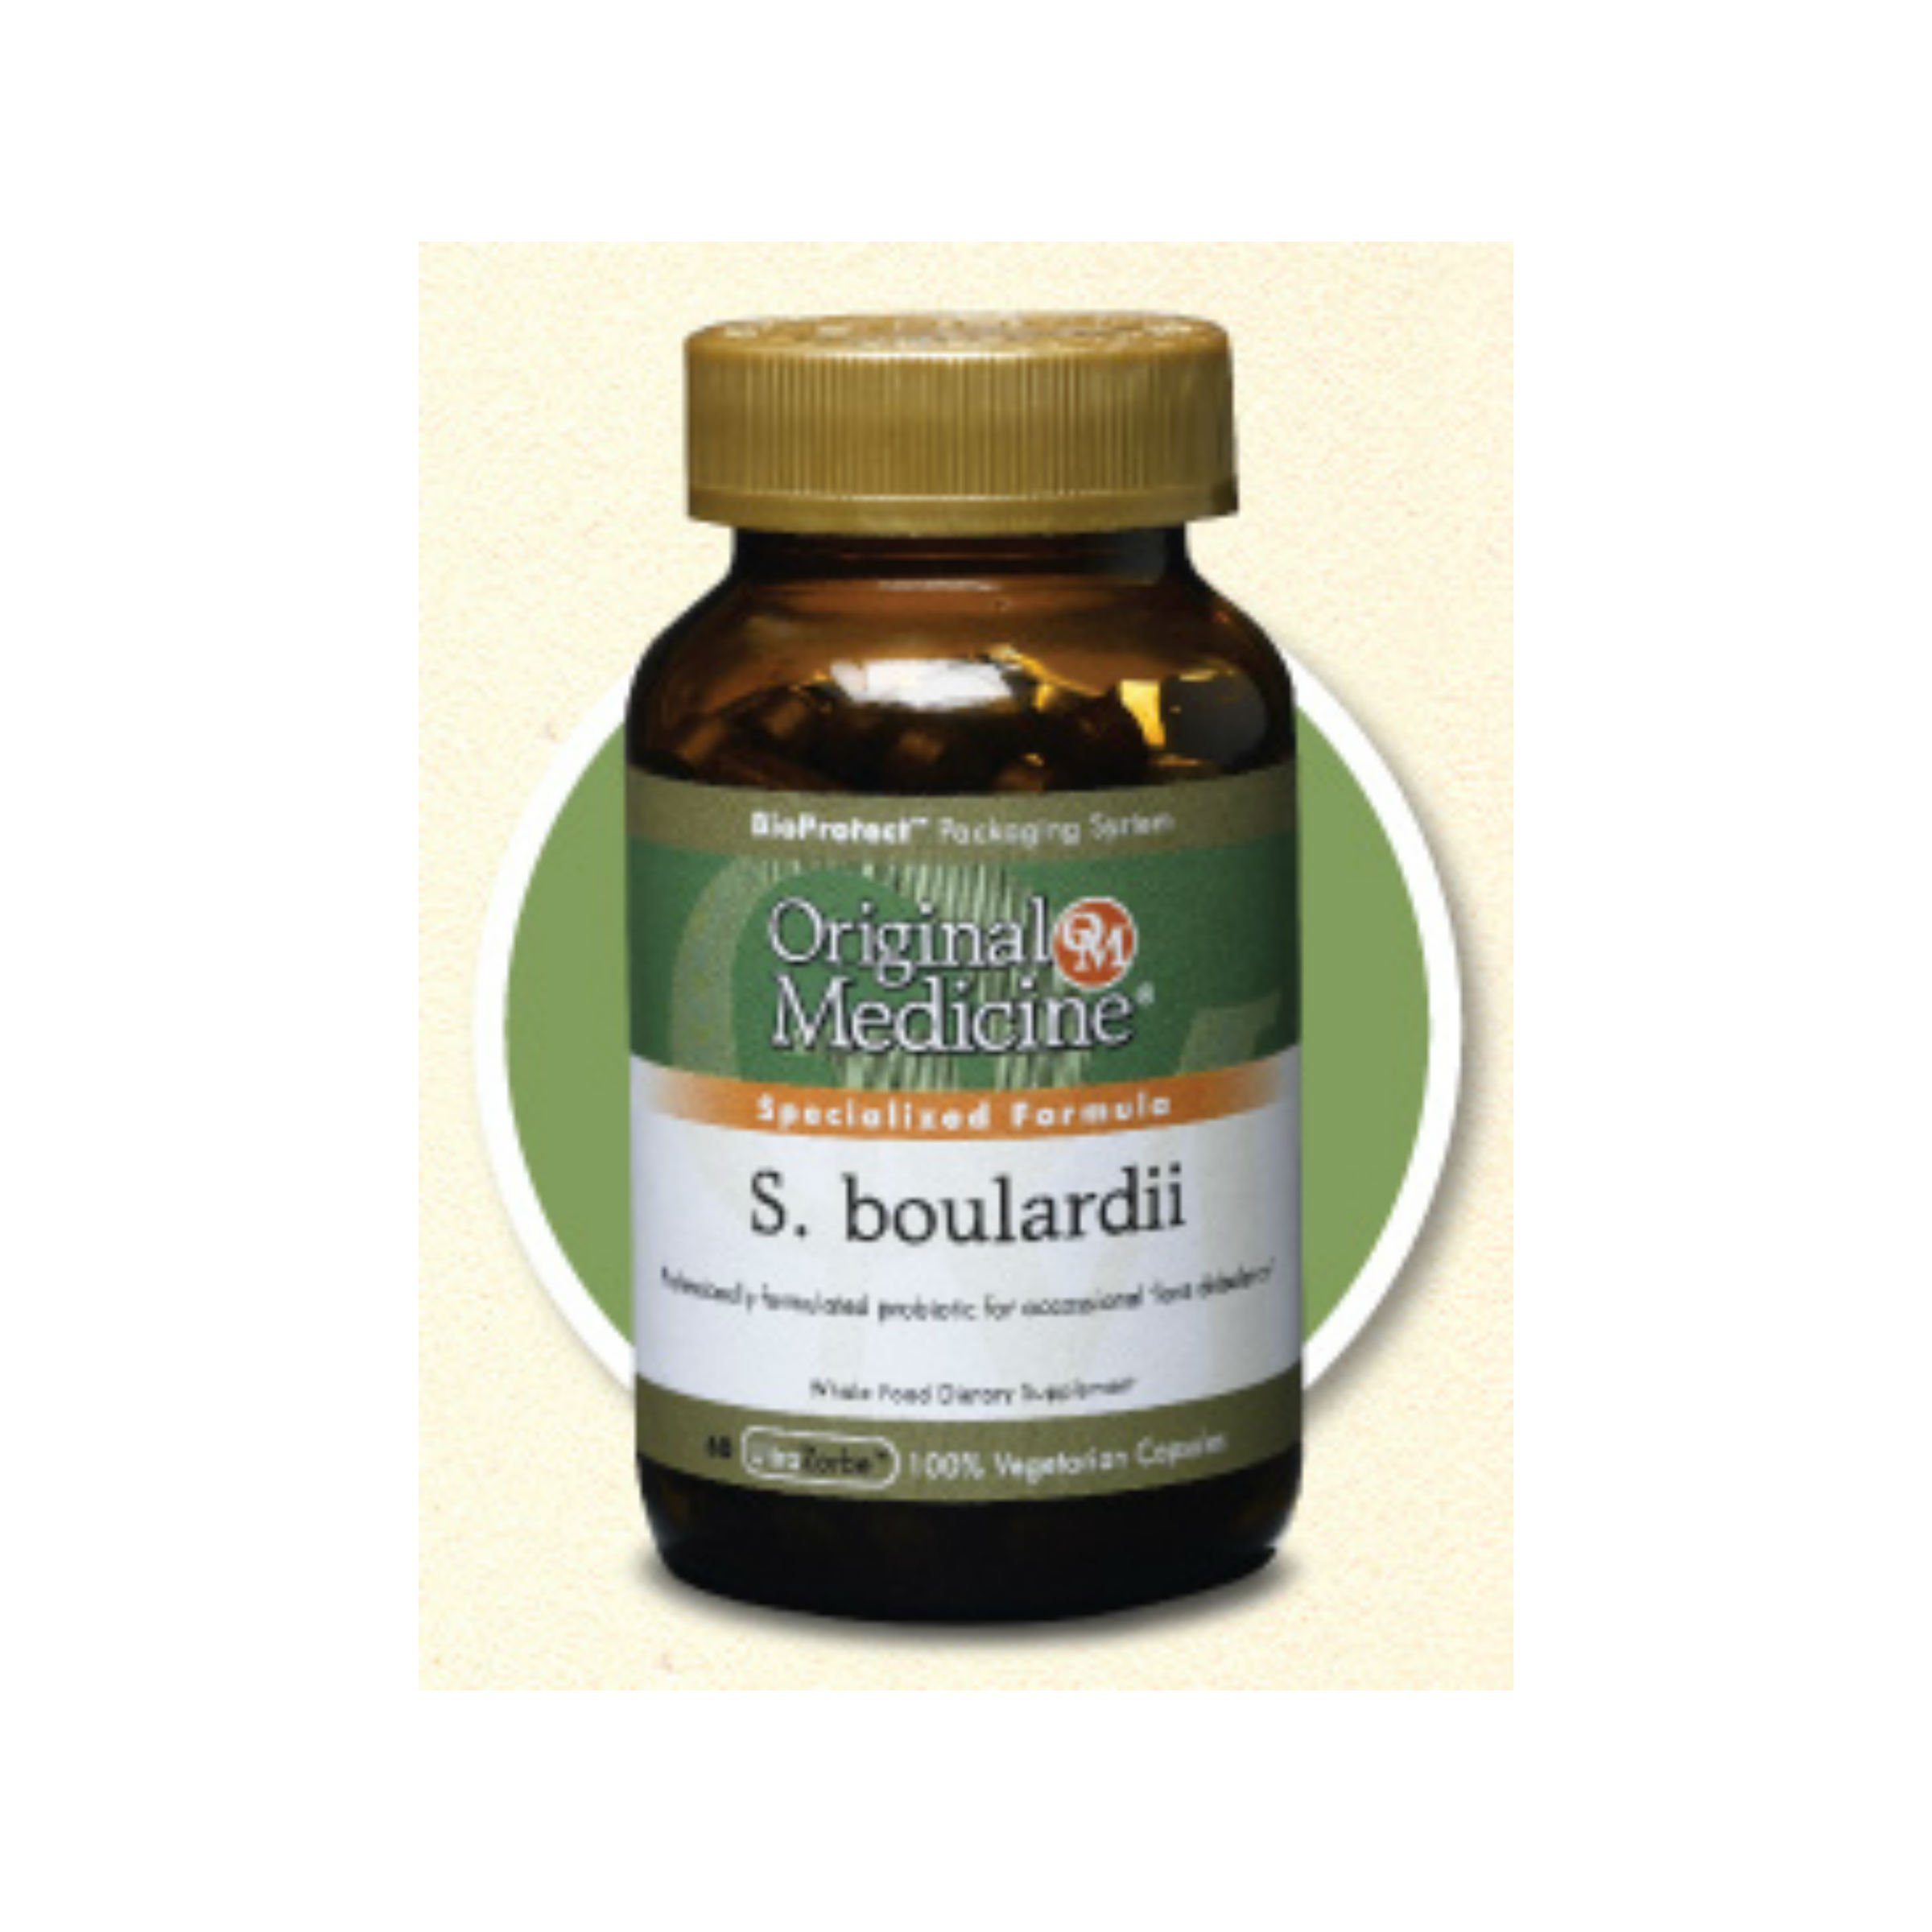 Original Medicine S. boulardii Probiotic - 60 capsules